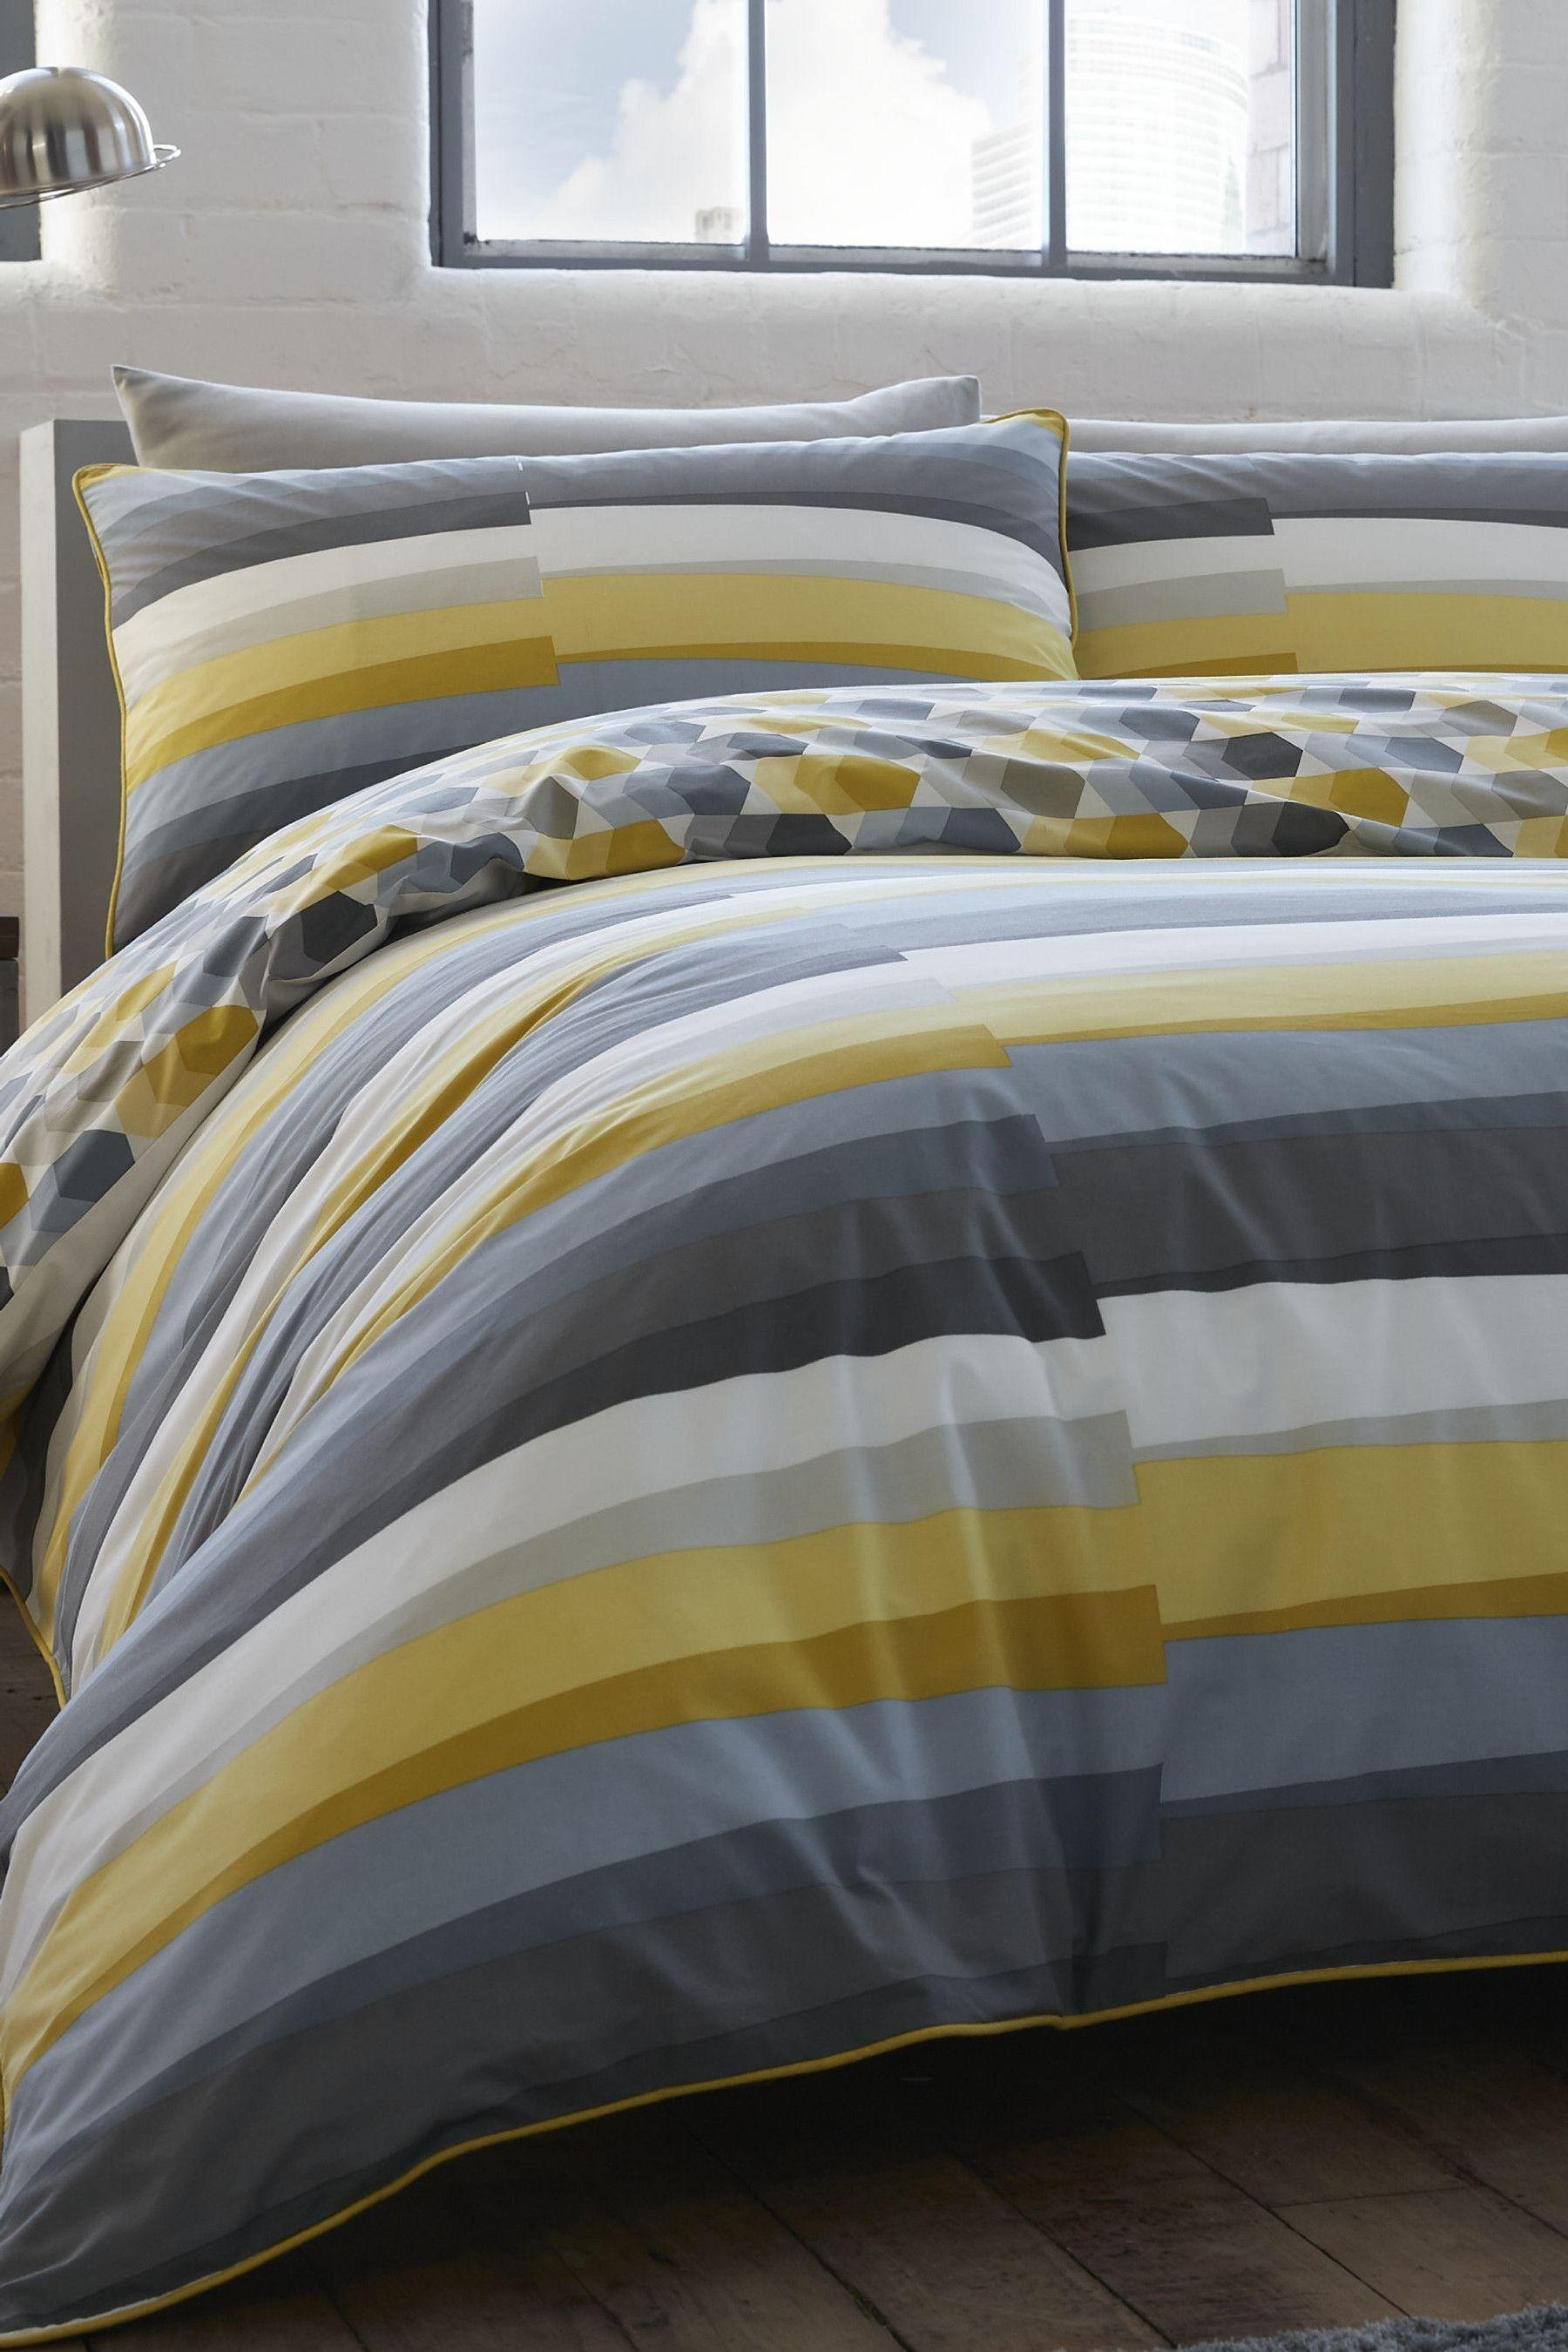 660 Bed Sets At Next Free